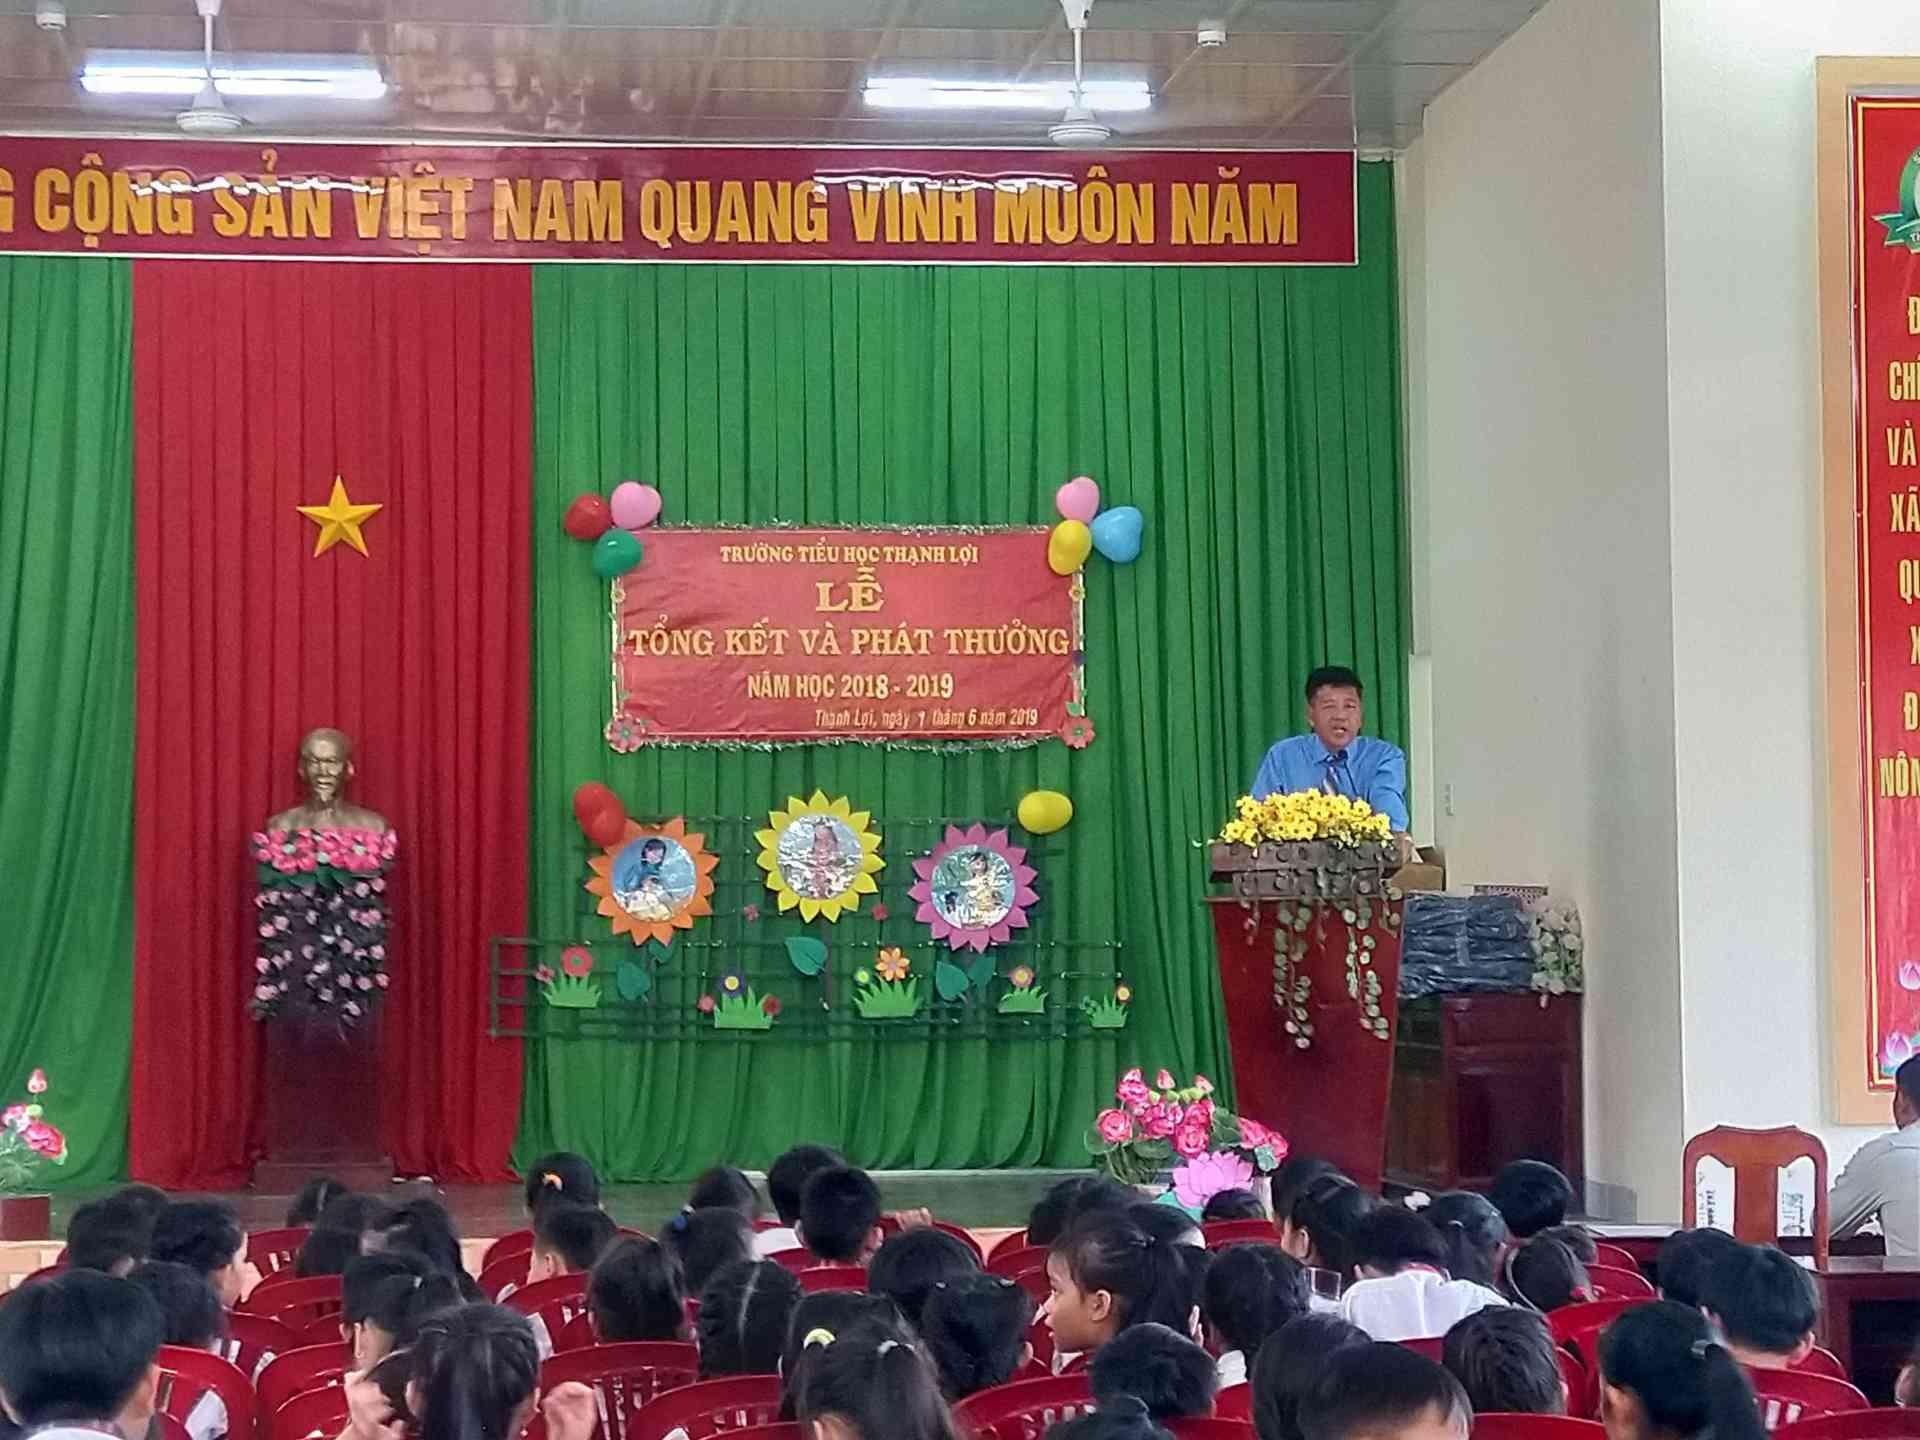 Thầy Nguyễn Thành Tâm Bí thư , Hiệu trưởng nhà trường báo cáo các kết quả đạt được trong năm học 2018-2019.